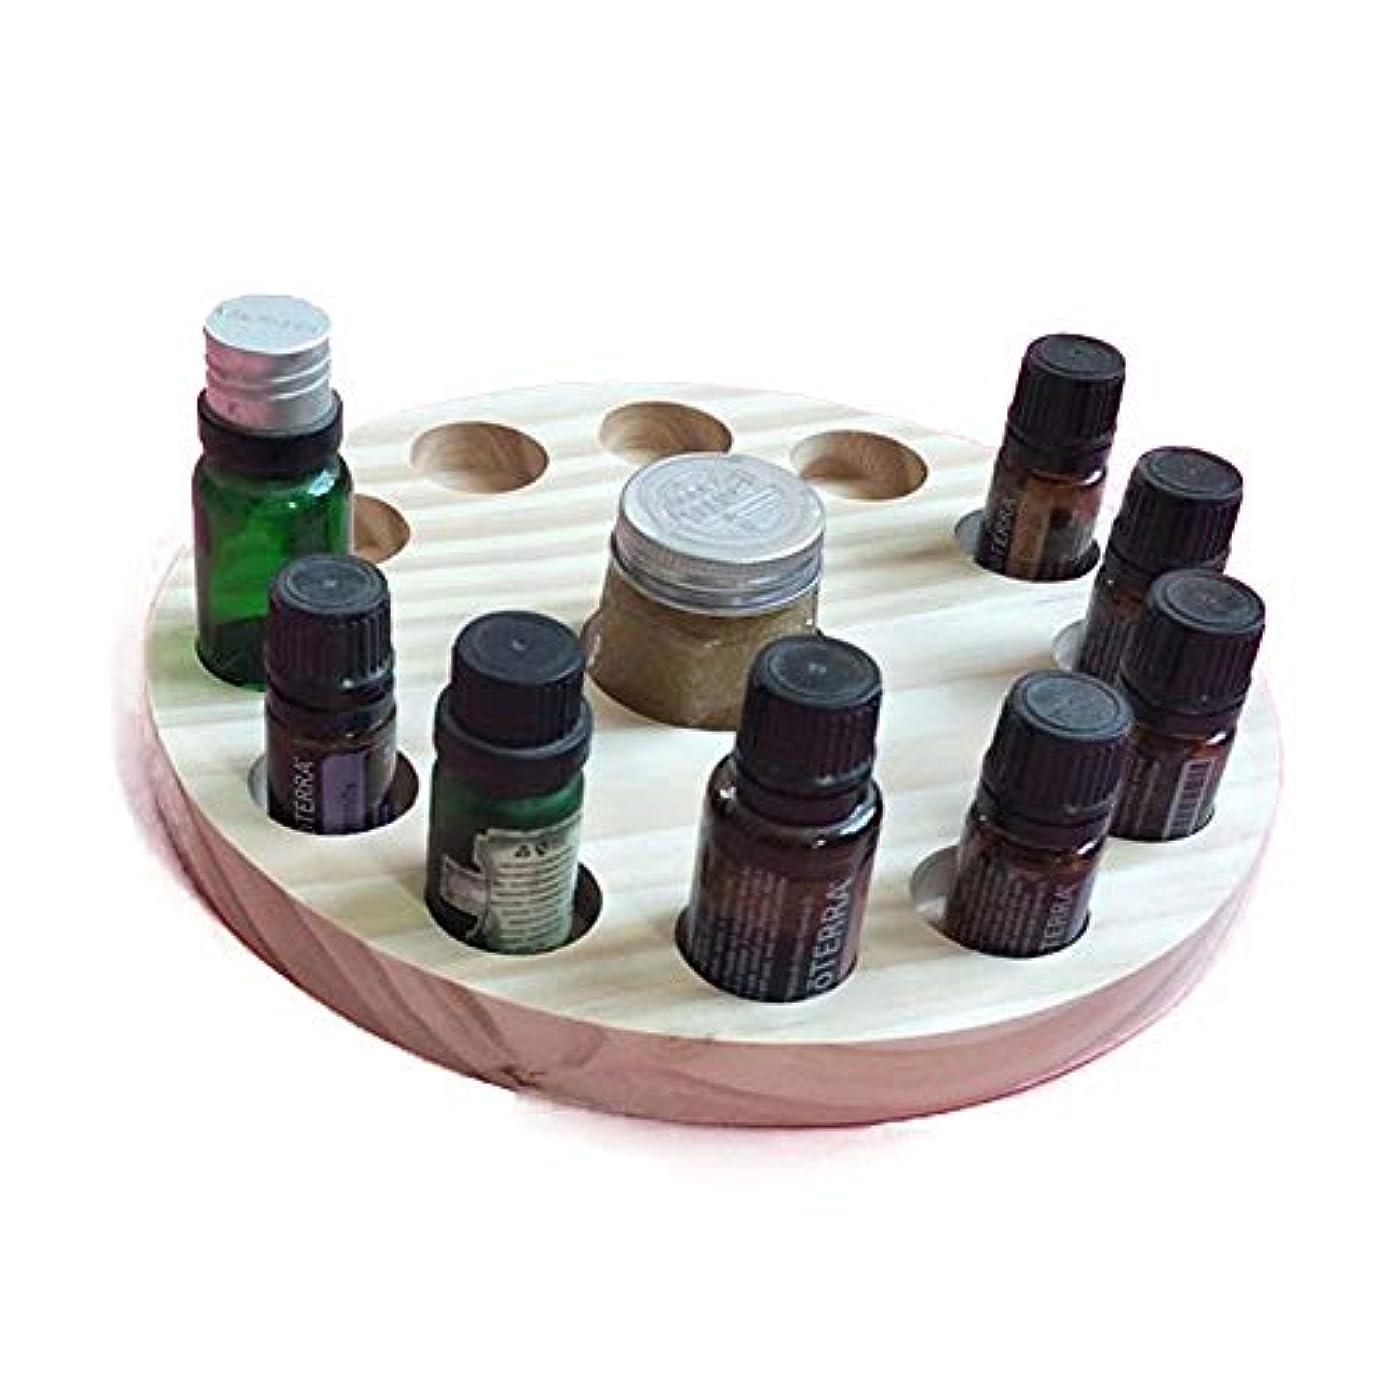 チョークスペル活性化13スロット木製エッセンシャルオイルストレージホルダーは12の10mlの油のボトルを保持します アロマセラピー製品 (色 : Natural, サイズ : Free size)